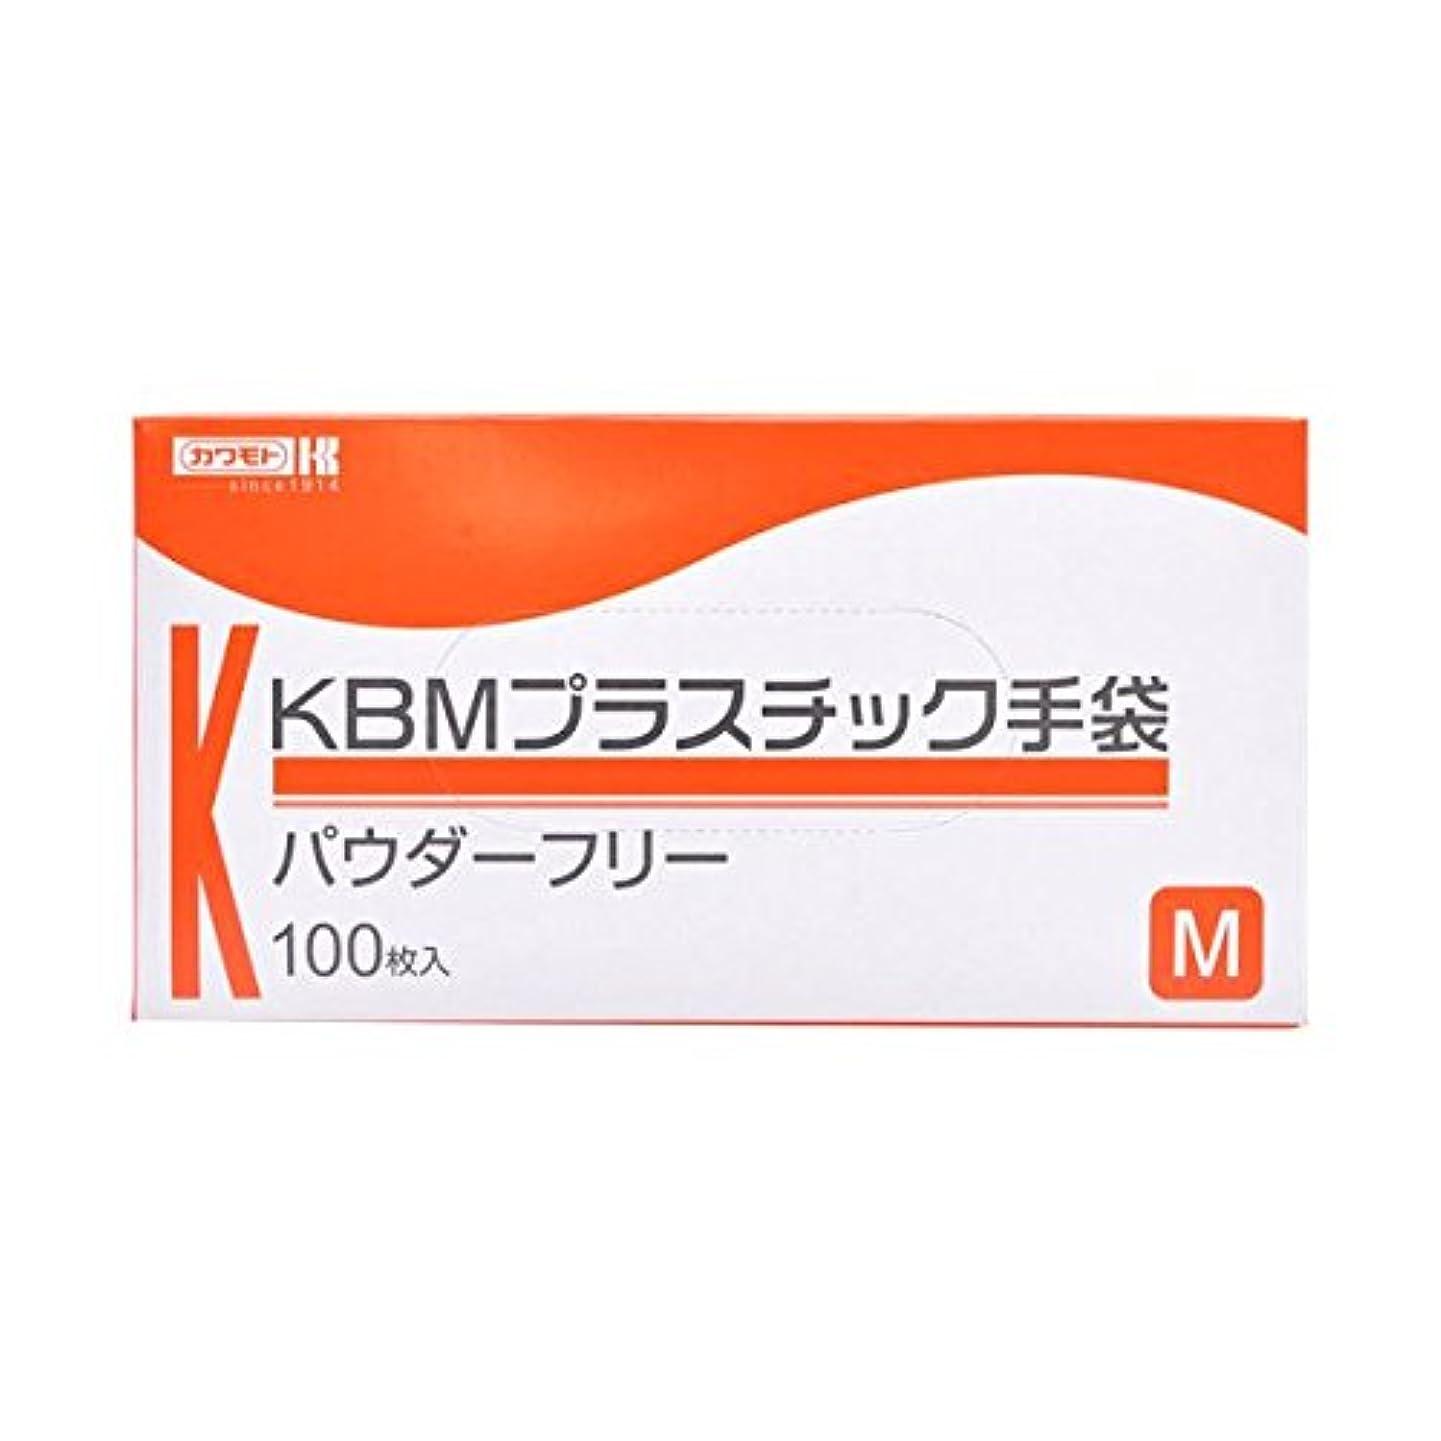 まともな絶妙他の場所川本産業 KBMプラスチック手袋 パウダーフリー M 100枚入 ×3個